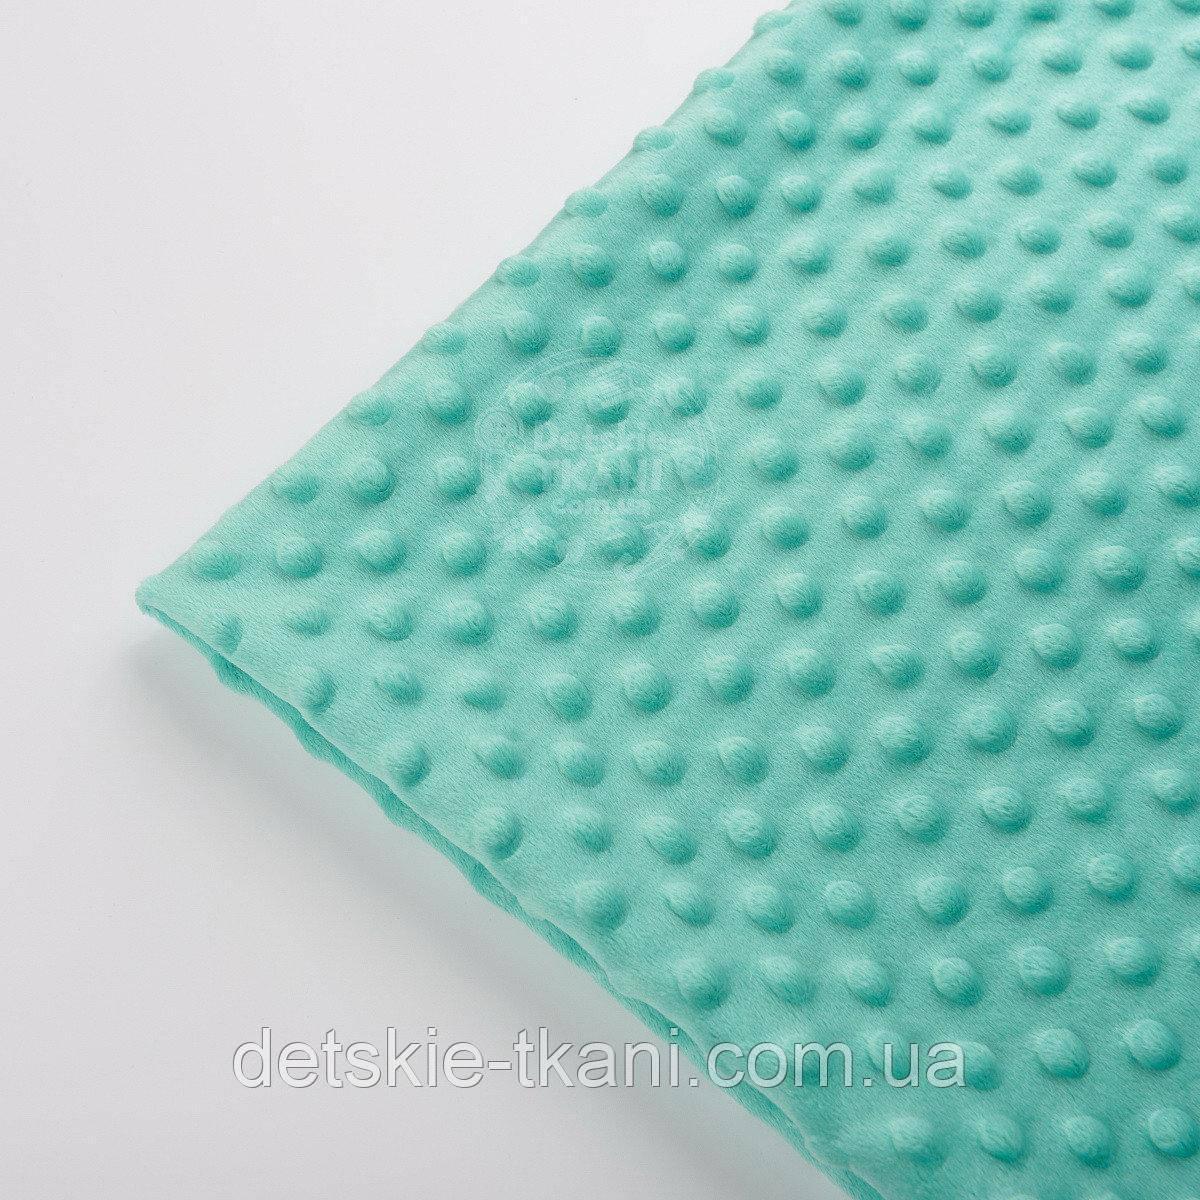 Лоскут плюша minky М-11 для пледа, размер 80*90 см, цвет тёмно-мятный (есть загрязнение)